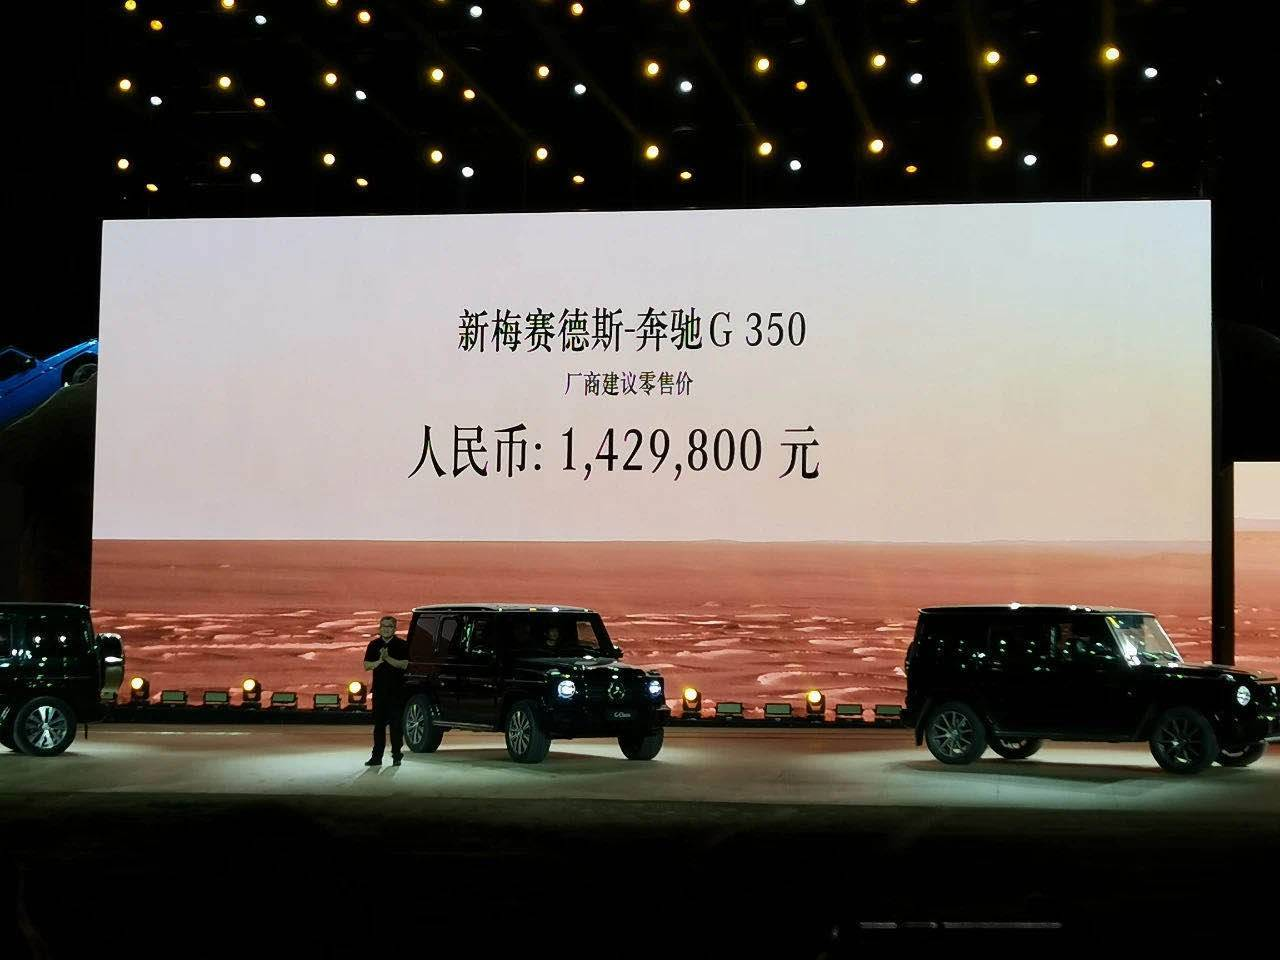 史上最贵的2.0T!已经登陆近200万的G 350老板会下订单吗